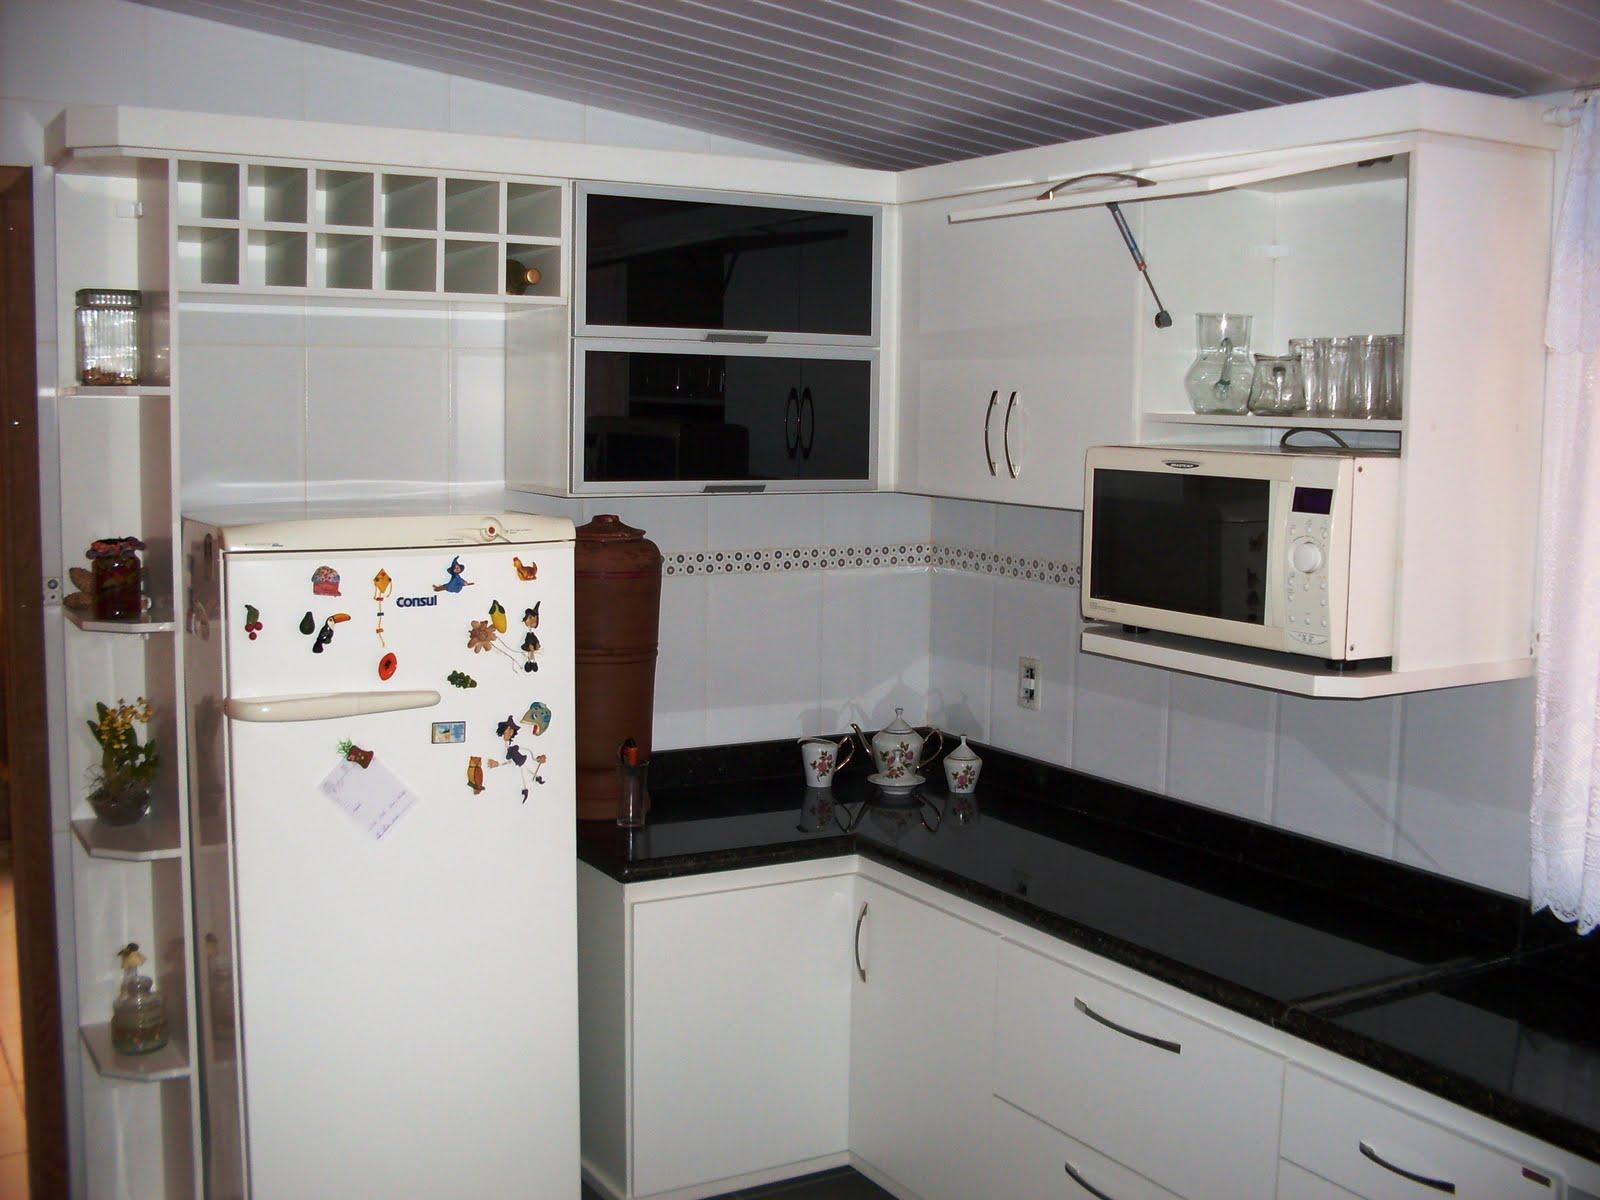 Cozinhas planejadas feita em MDF 15mm com portas de vidro na cor preta  #5F4B41 1600 1200